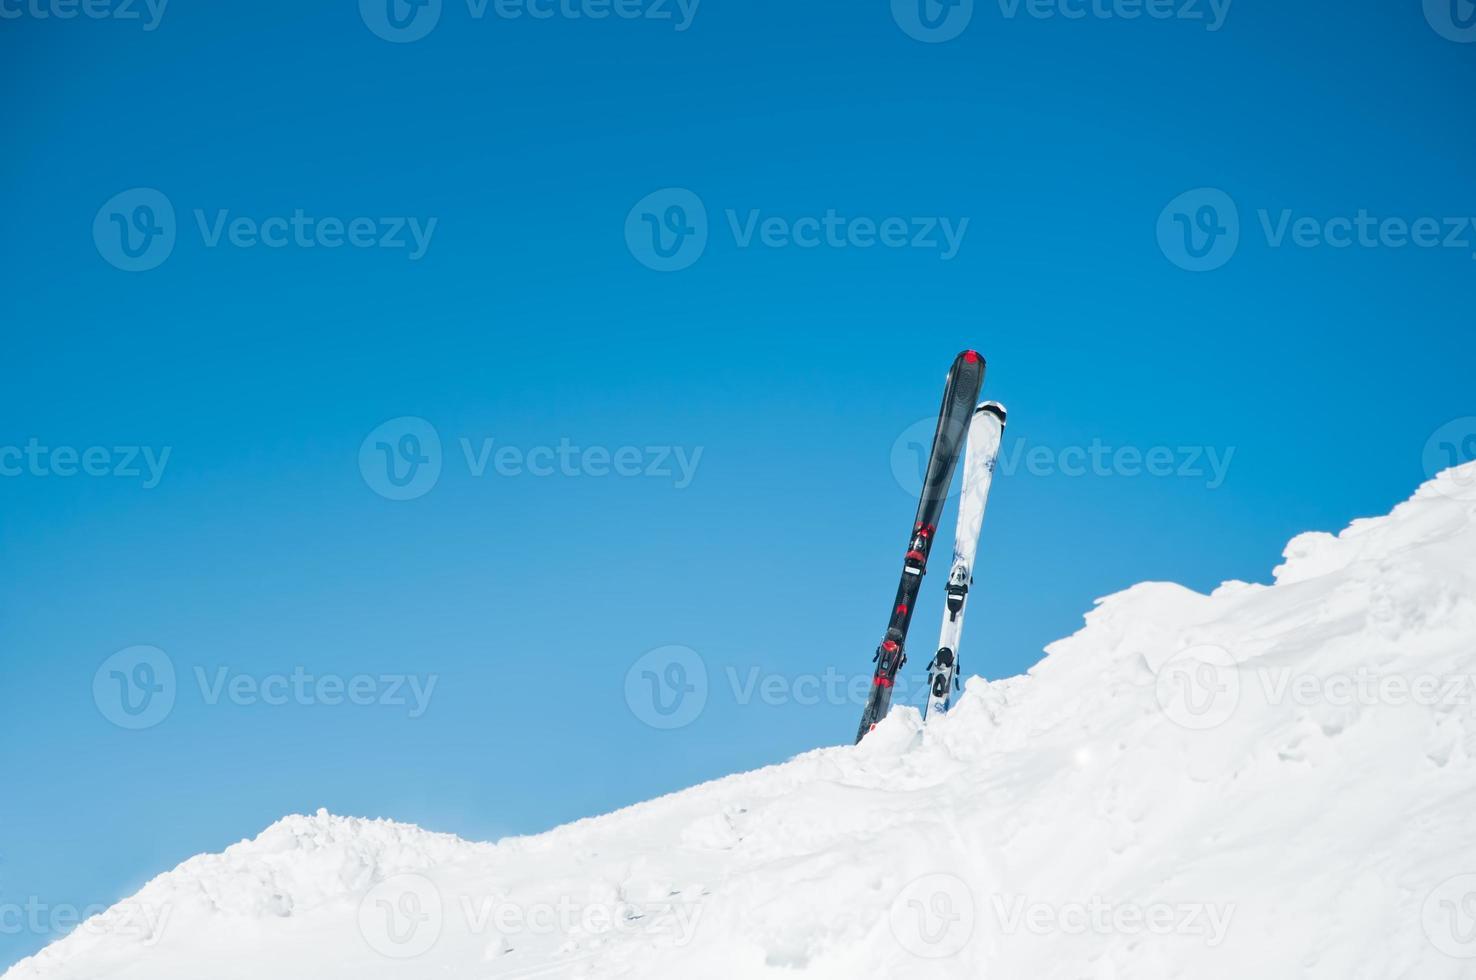 immagine di sci sul pendio, sulla località invernale foto